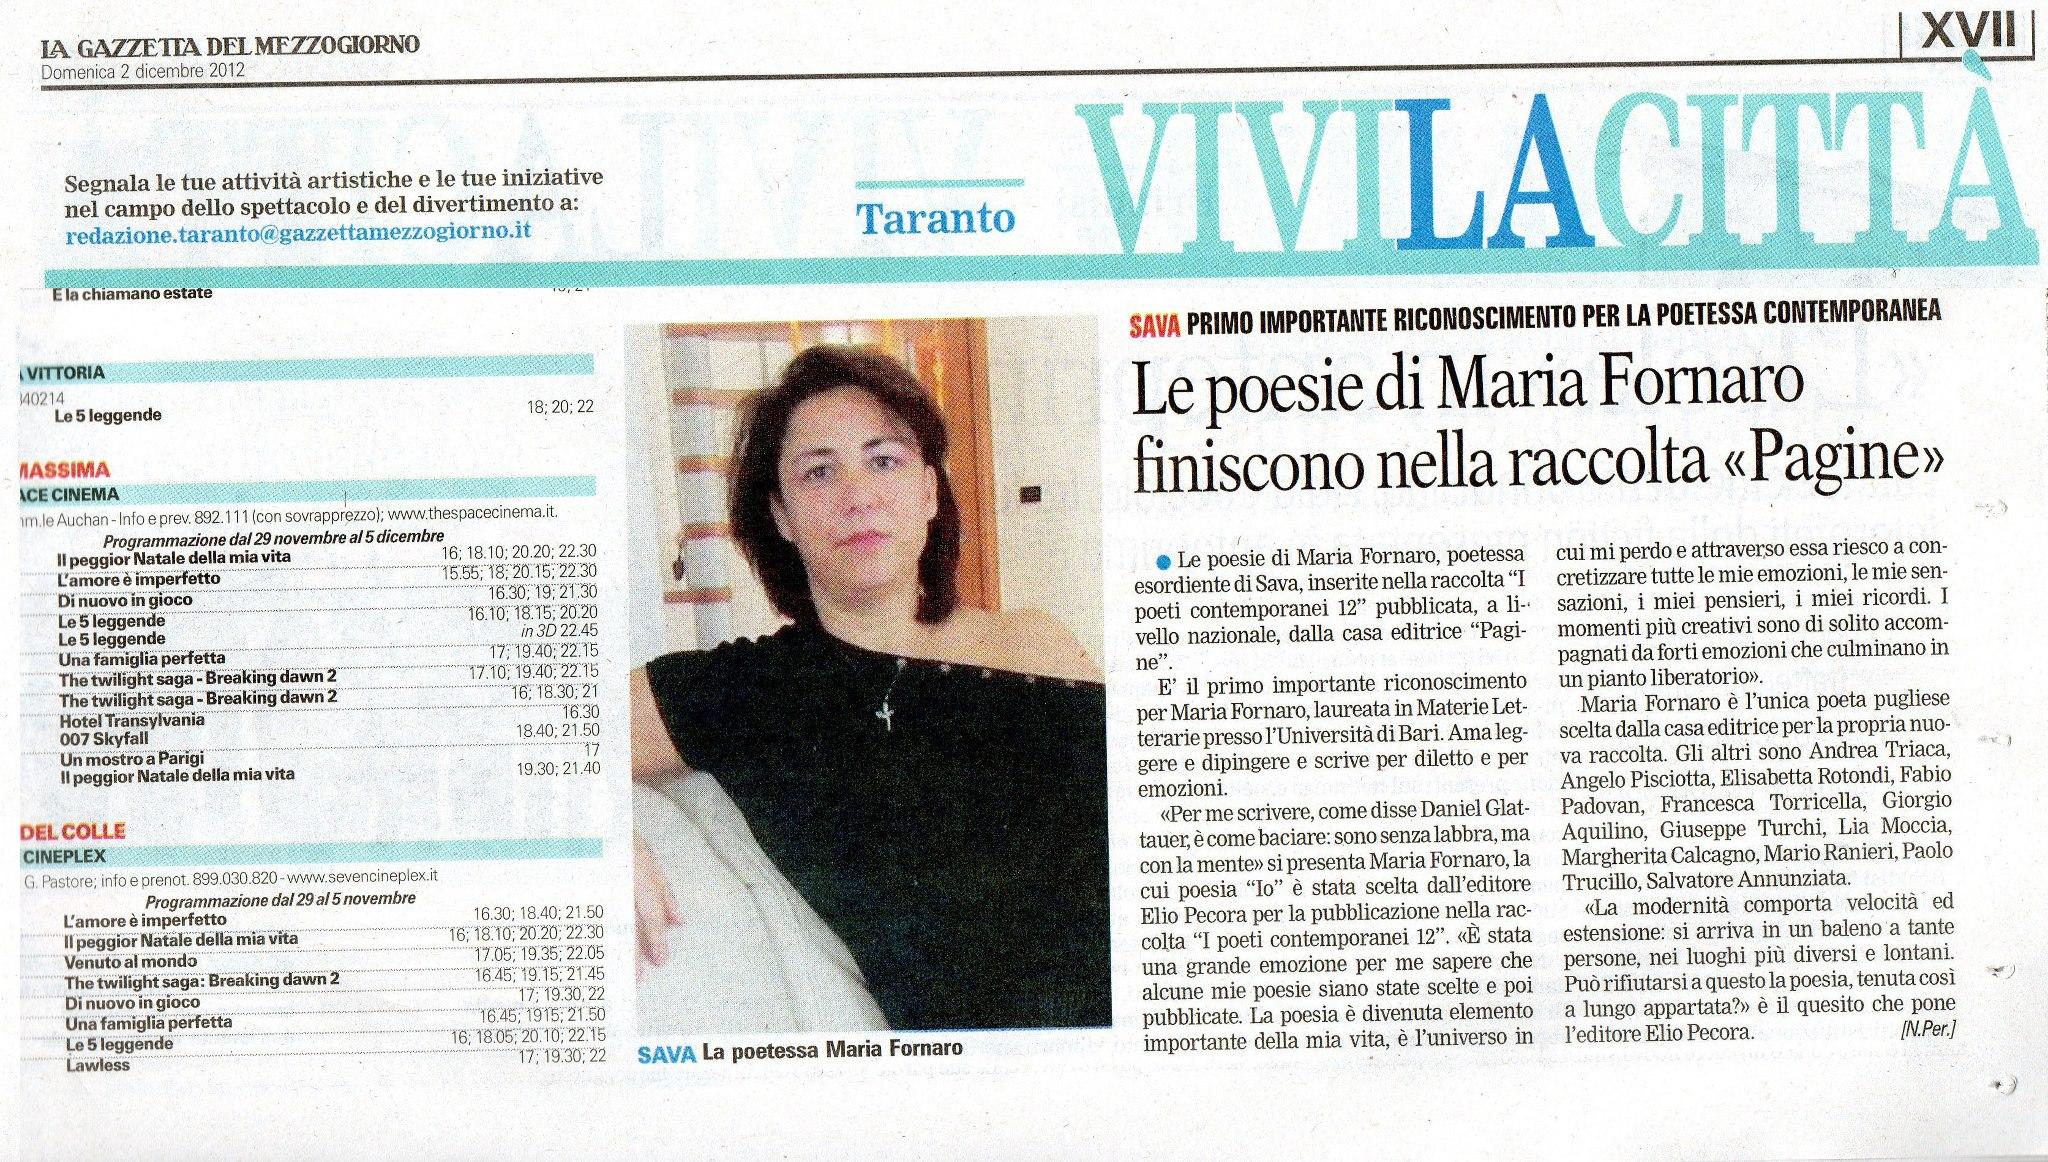 articolo su gazzetta del mezzogiorno del 2 dic 2012